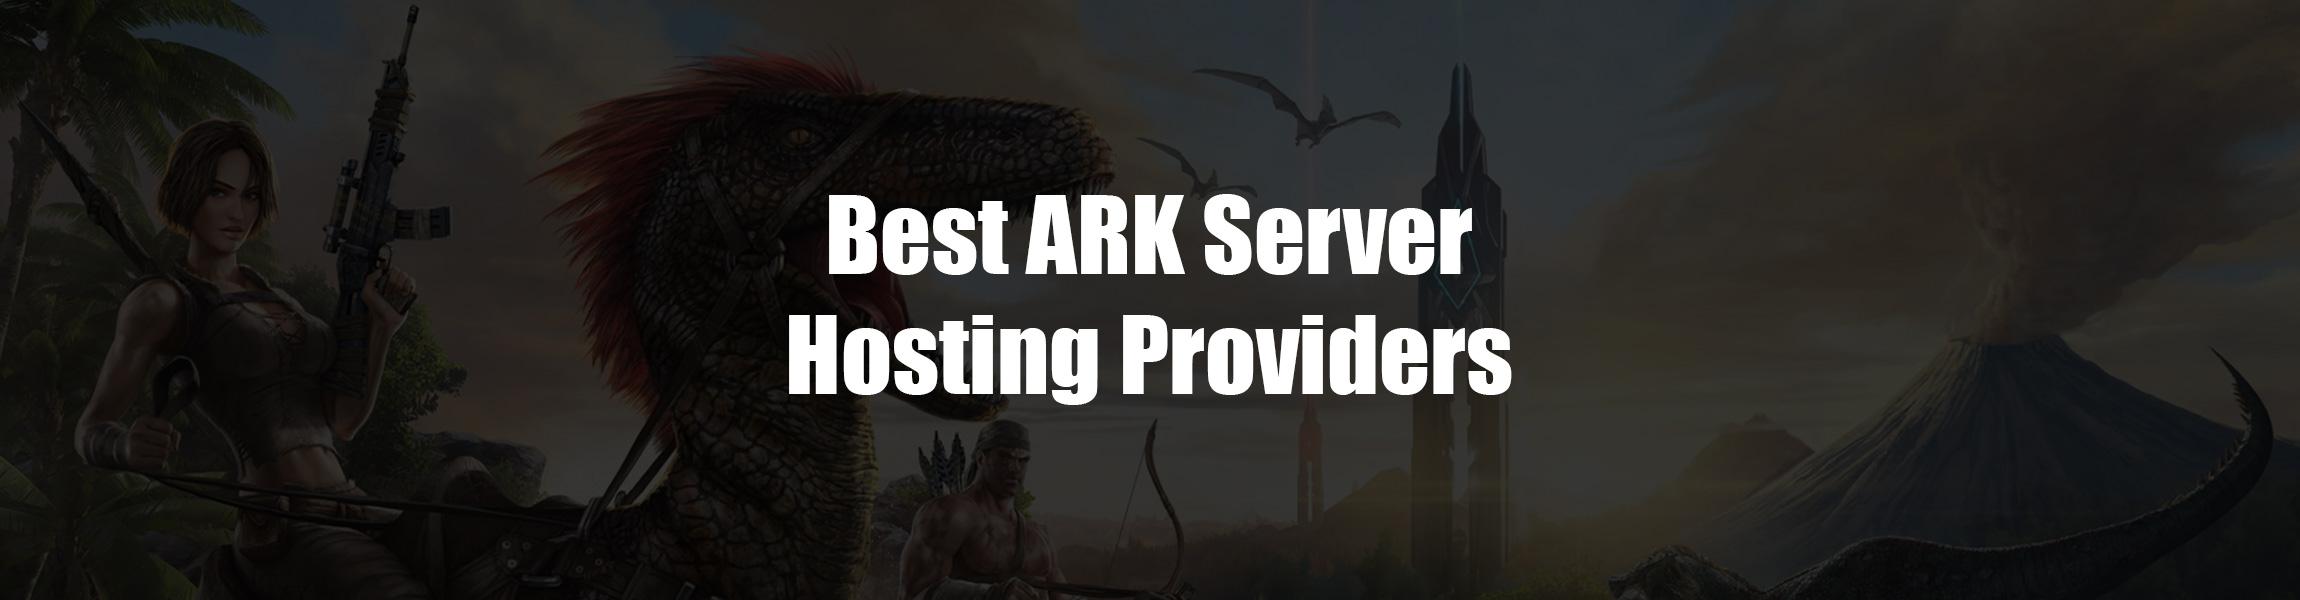 Best ARK Server Hosting Providers